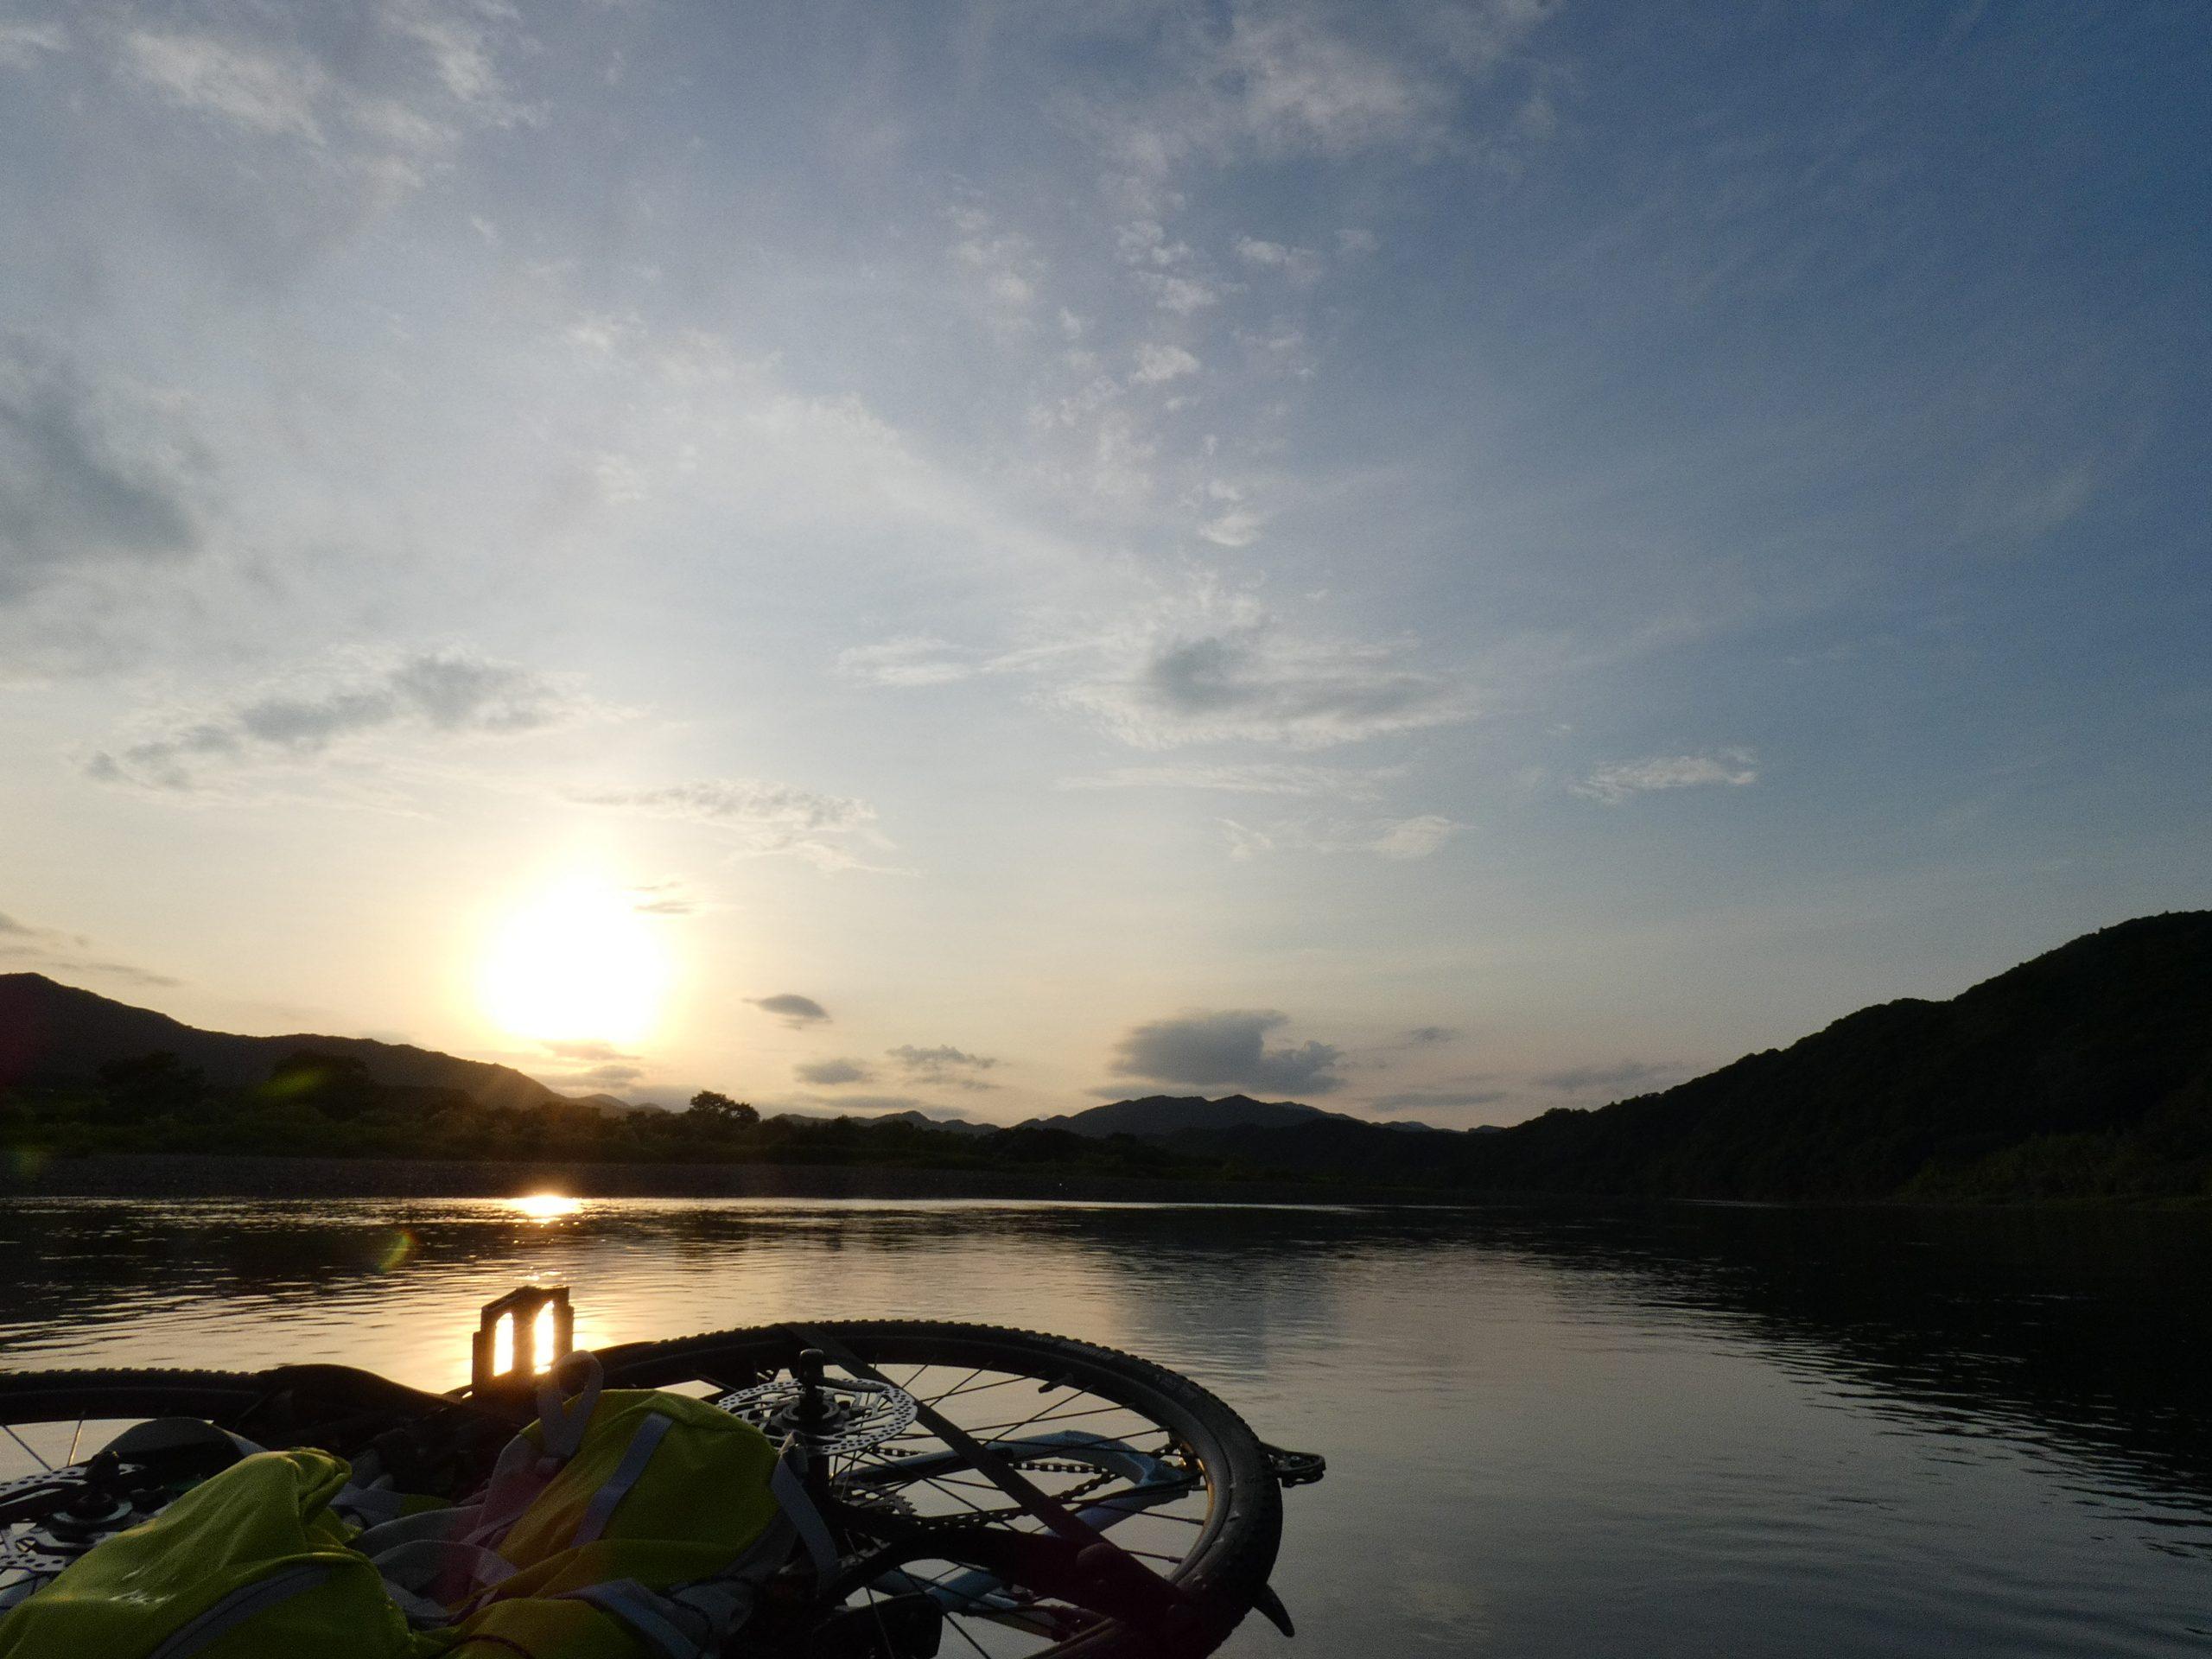 バイクラフティングで川から夕陽を眺めながら